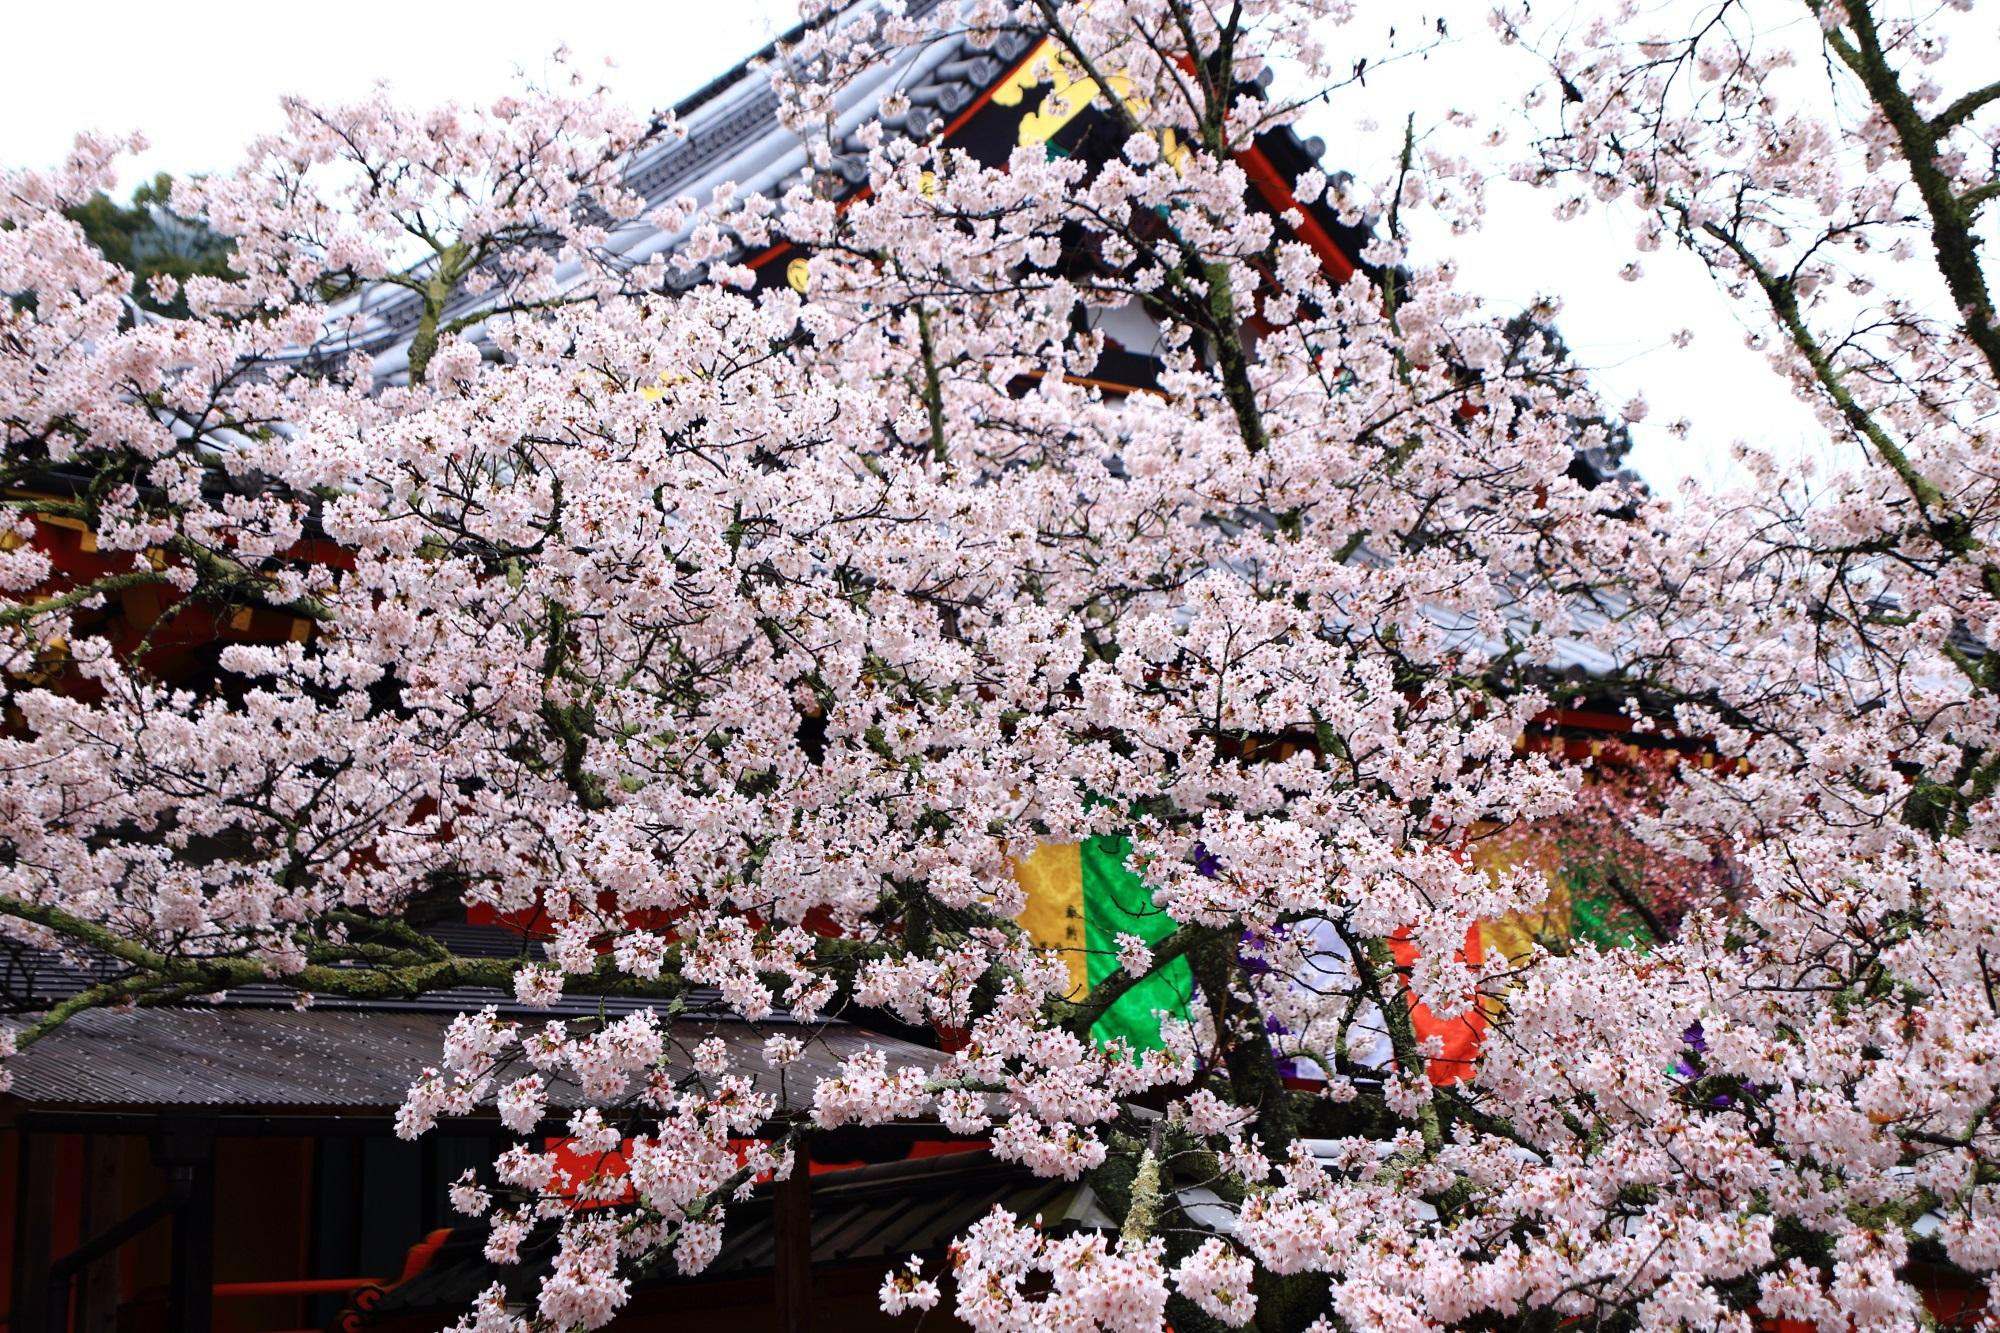 咲き乱れる桜で春色にそまる本堂